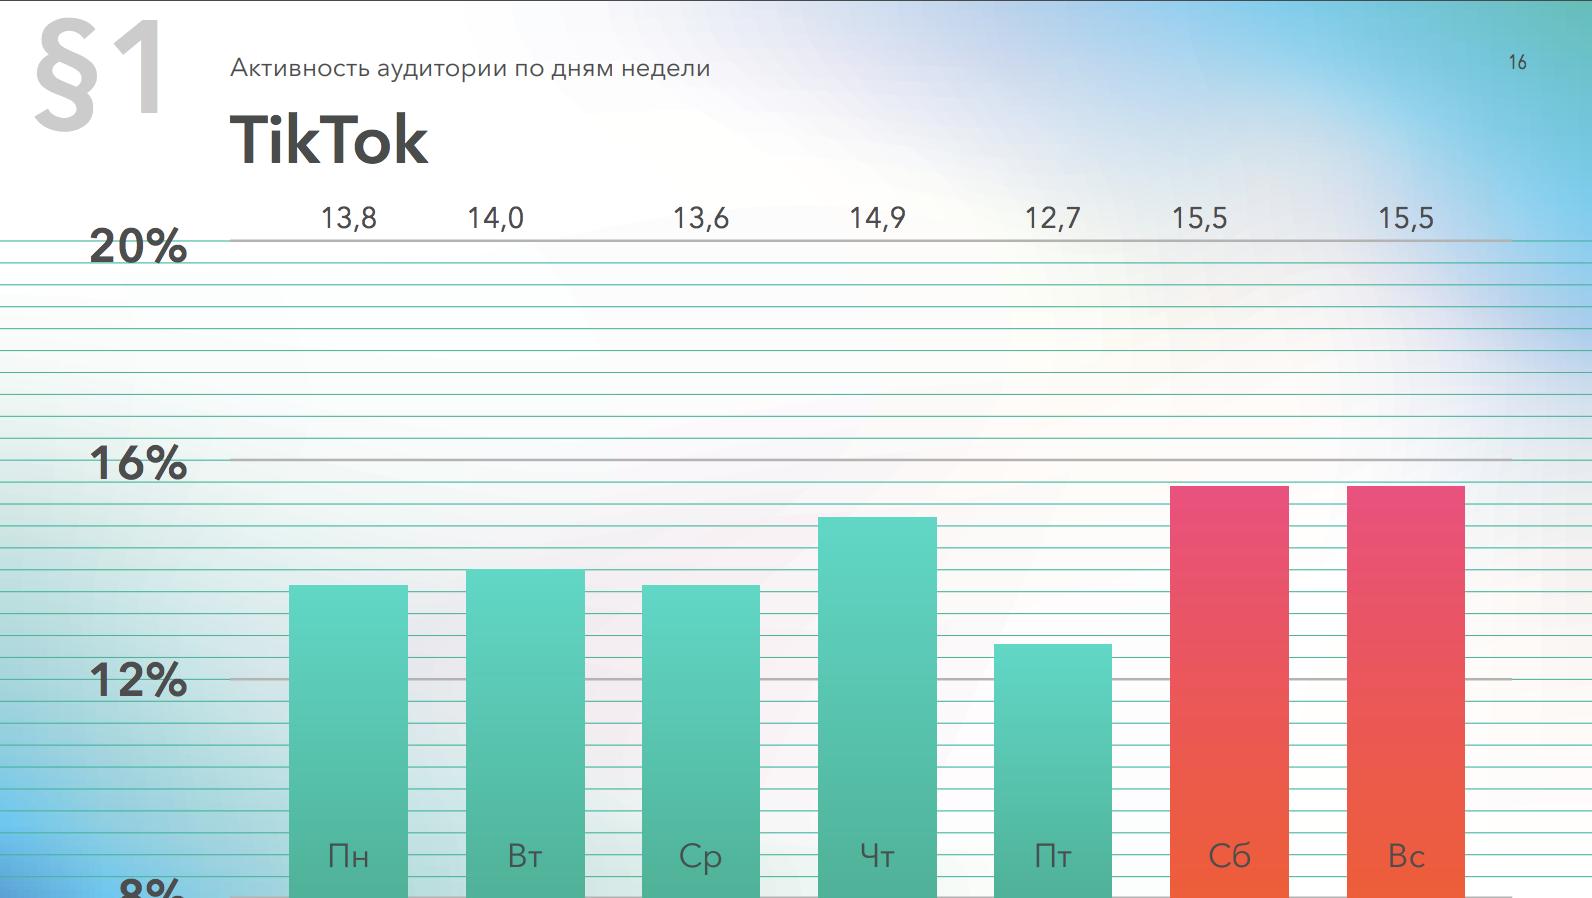 Активность аудитории ТикТок по дням недели, данные за 2019 год